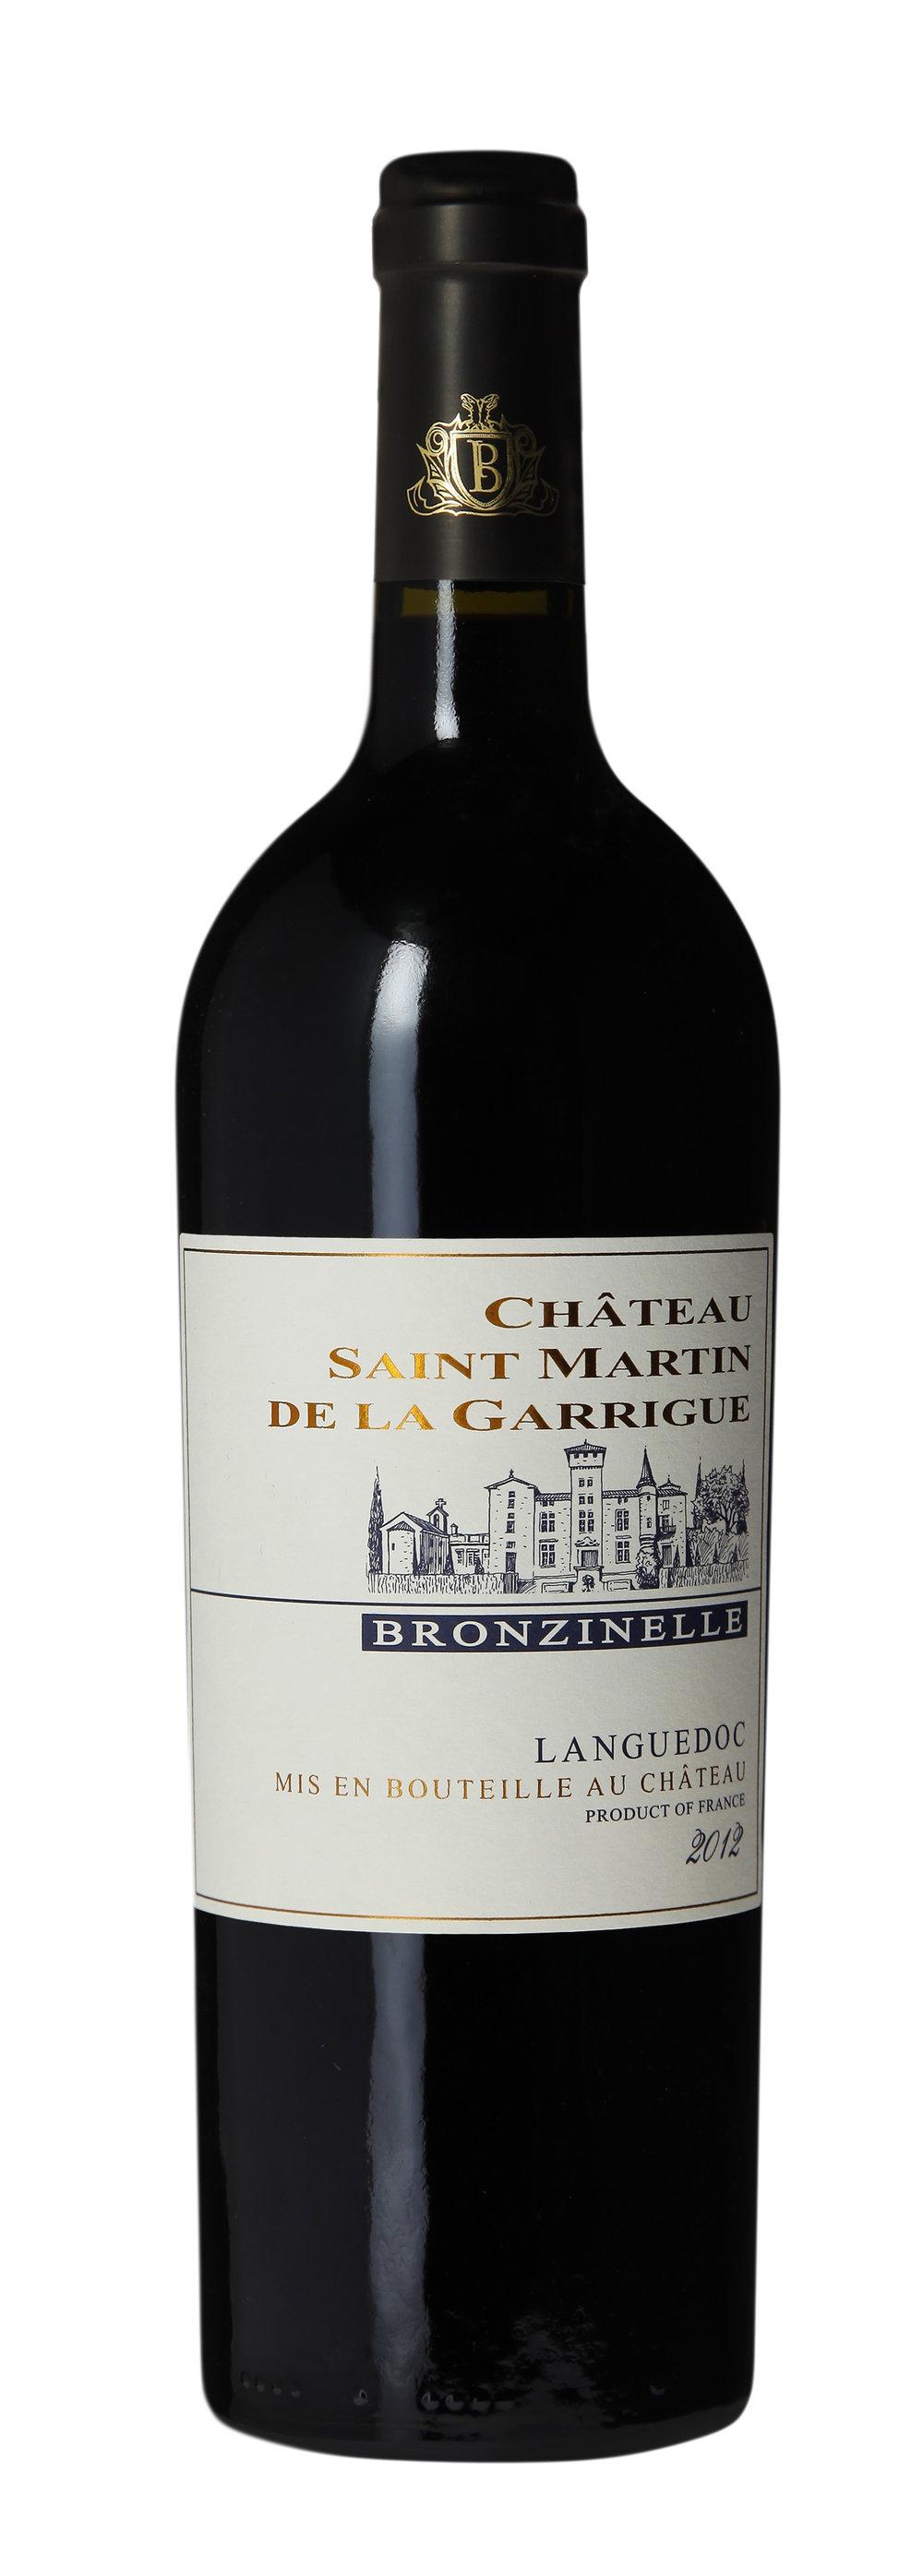 'Bronzinelle' Coteaux du Languedoc Rouge